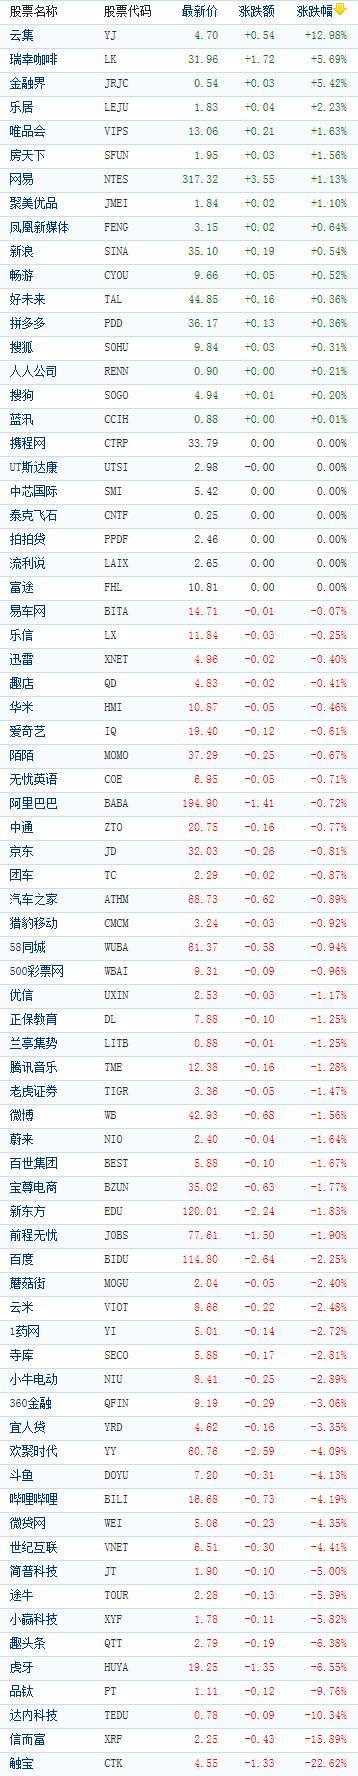 中国概念股周二收盘多数下跌 触宝重挫22%